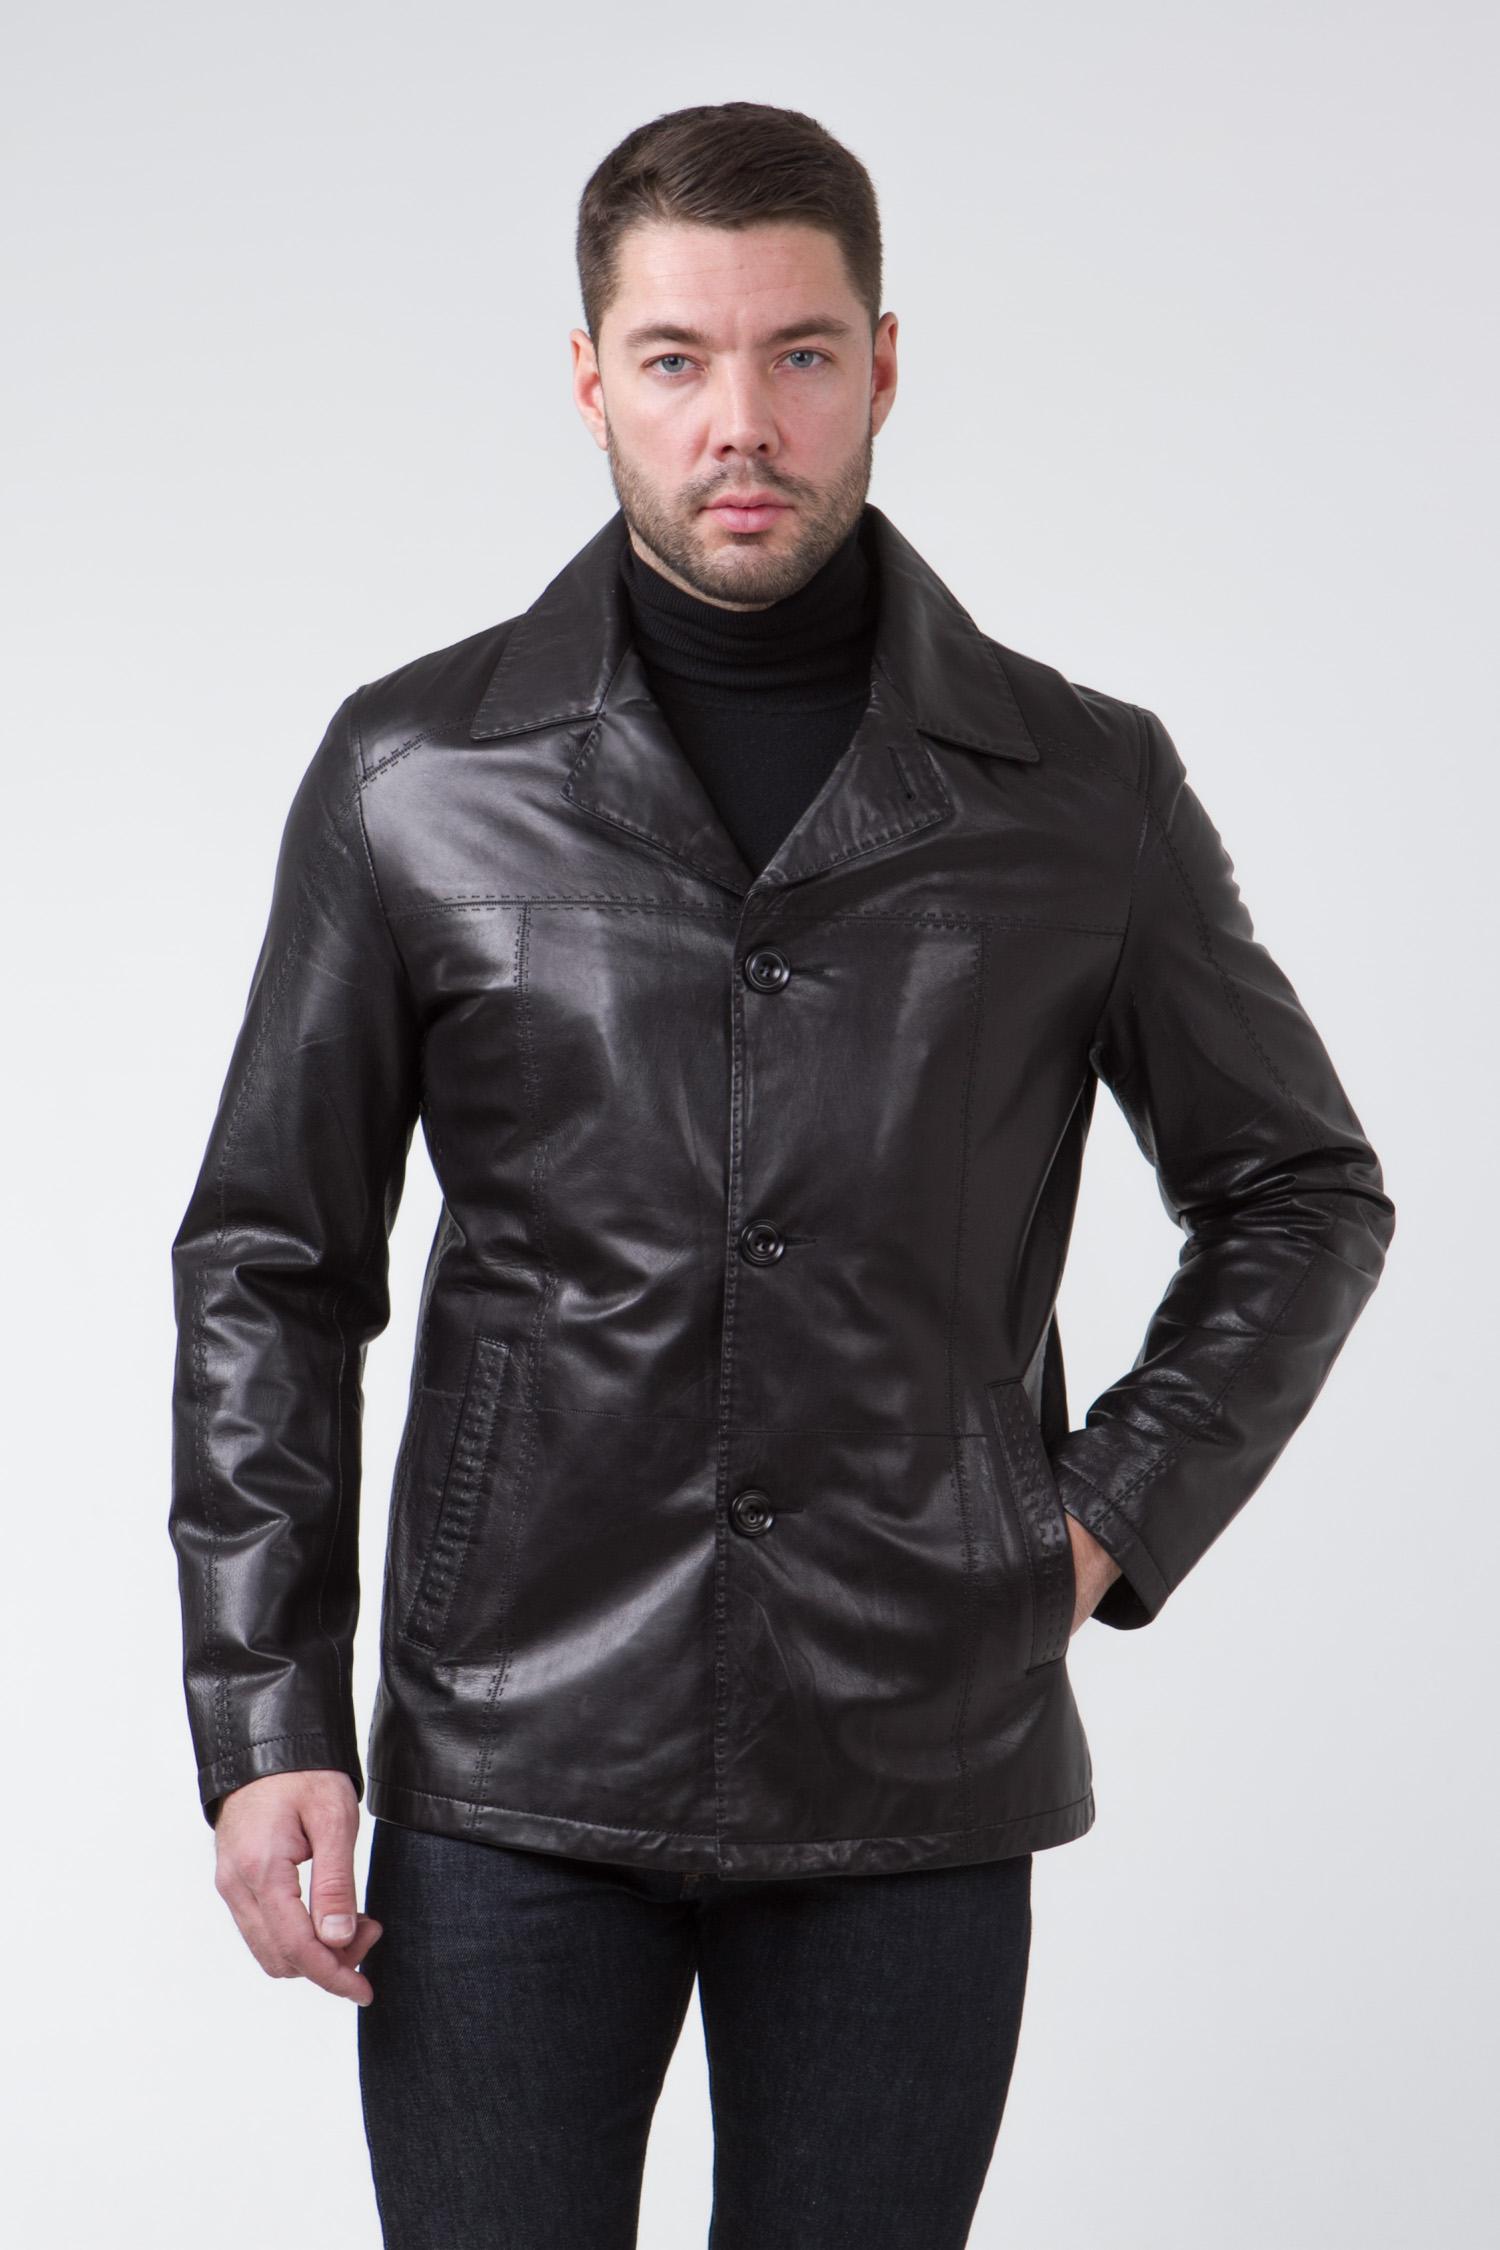 Мужская кожаная куртка из натуральной кожи с воротником, без отделки<br><br>Воротник: английский<br>Длина см: Средняя (75-89 )<br>Материал: Кожа овчина<br>Цвет: черный<br>Вид застежки: центральная<br>Застежка: на пуговицы<br>Пол: Мужской<br>Размер RU: 52